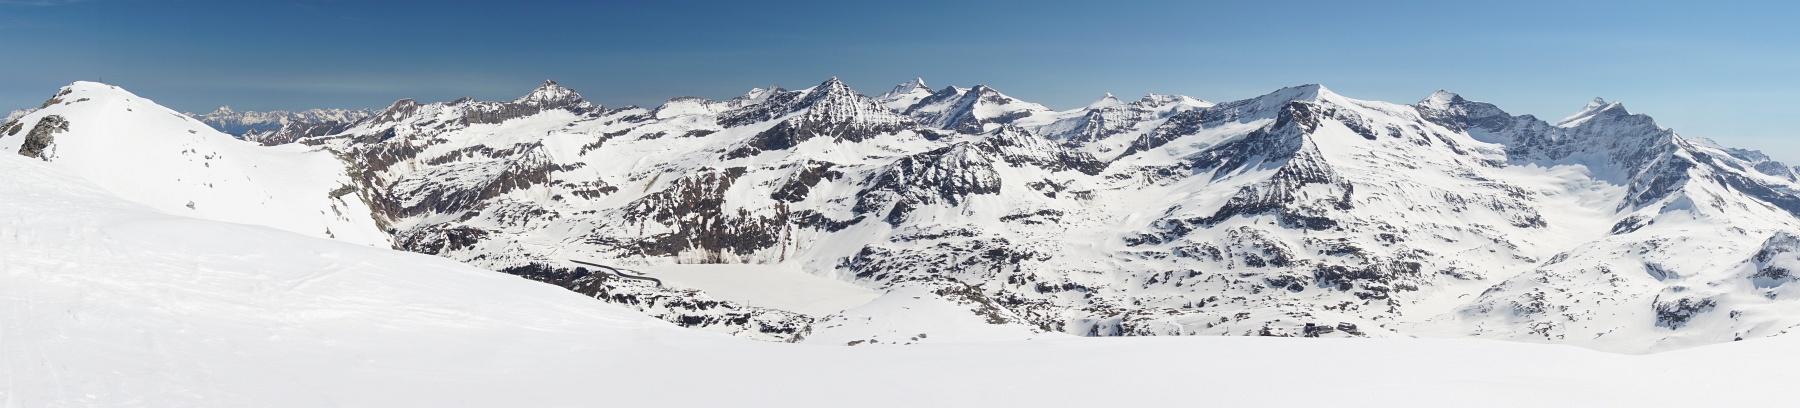 Der Ausblick von der Granatspitzgruppe in die benachbarte Glocknergruppe - beide zu den Hohen Tauern zählend (Klick zur Vergrößerung)